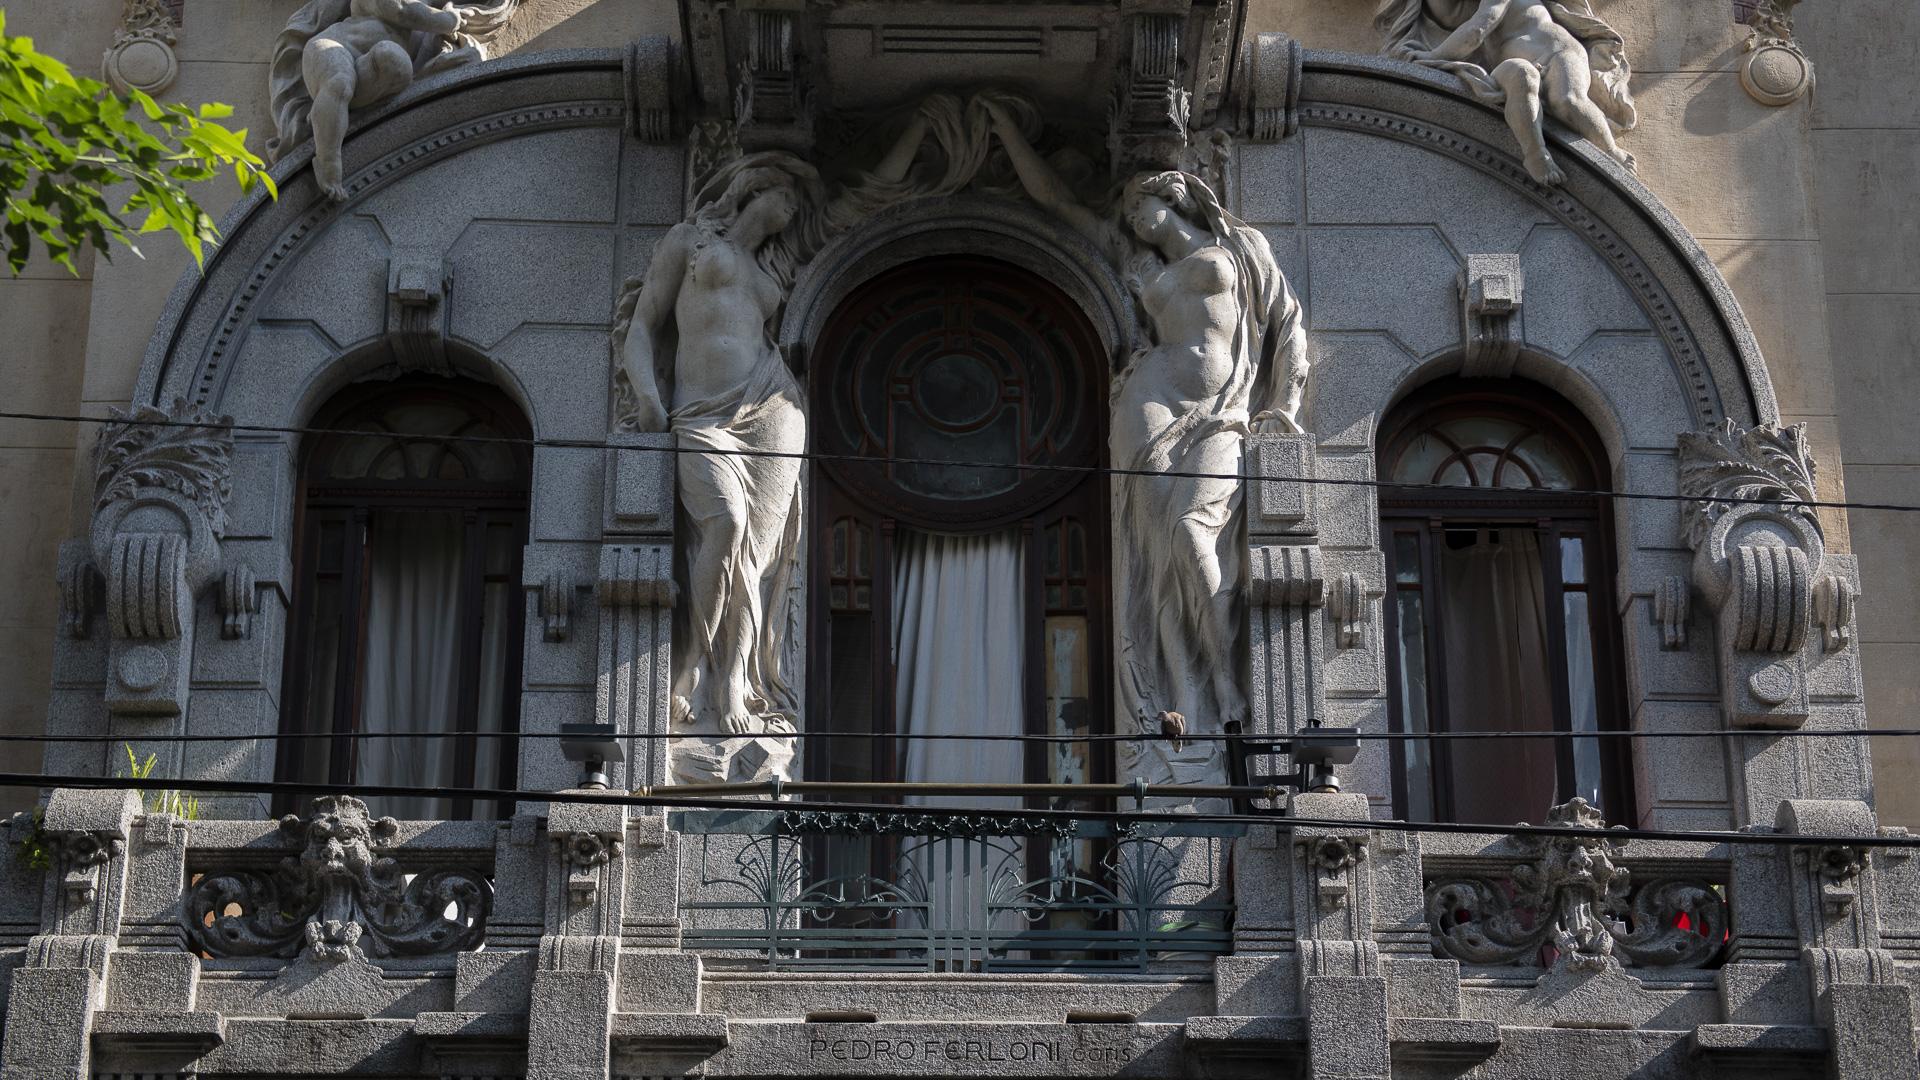 De afuera, la Casa Calise puede parecer un palacio. Ocupa unos 8.000 metros cuadrados. Fue, sin embargo, construida en 1911 como casa de alquiler, siendo una de las tres edificaciones encargadas por la familia Calise a Colombo